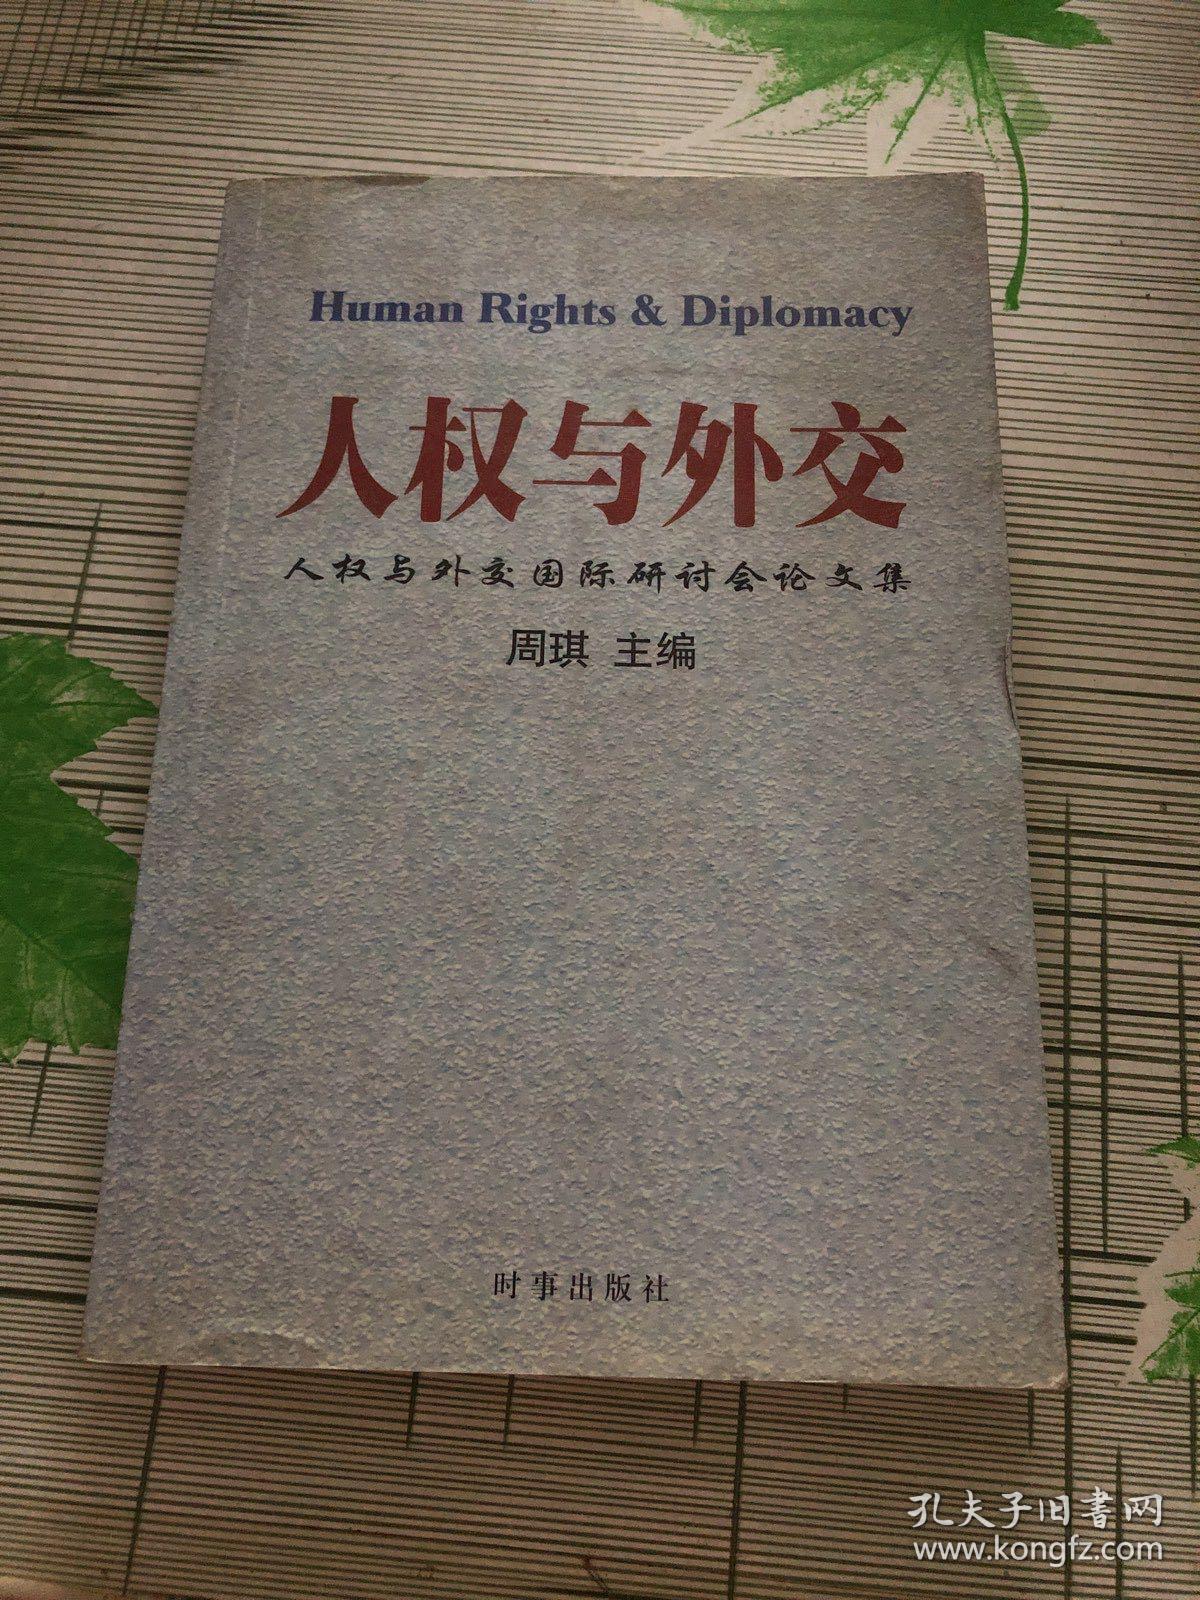 人权与外交:人权与外交国际研讨会论文集